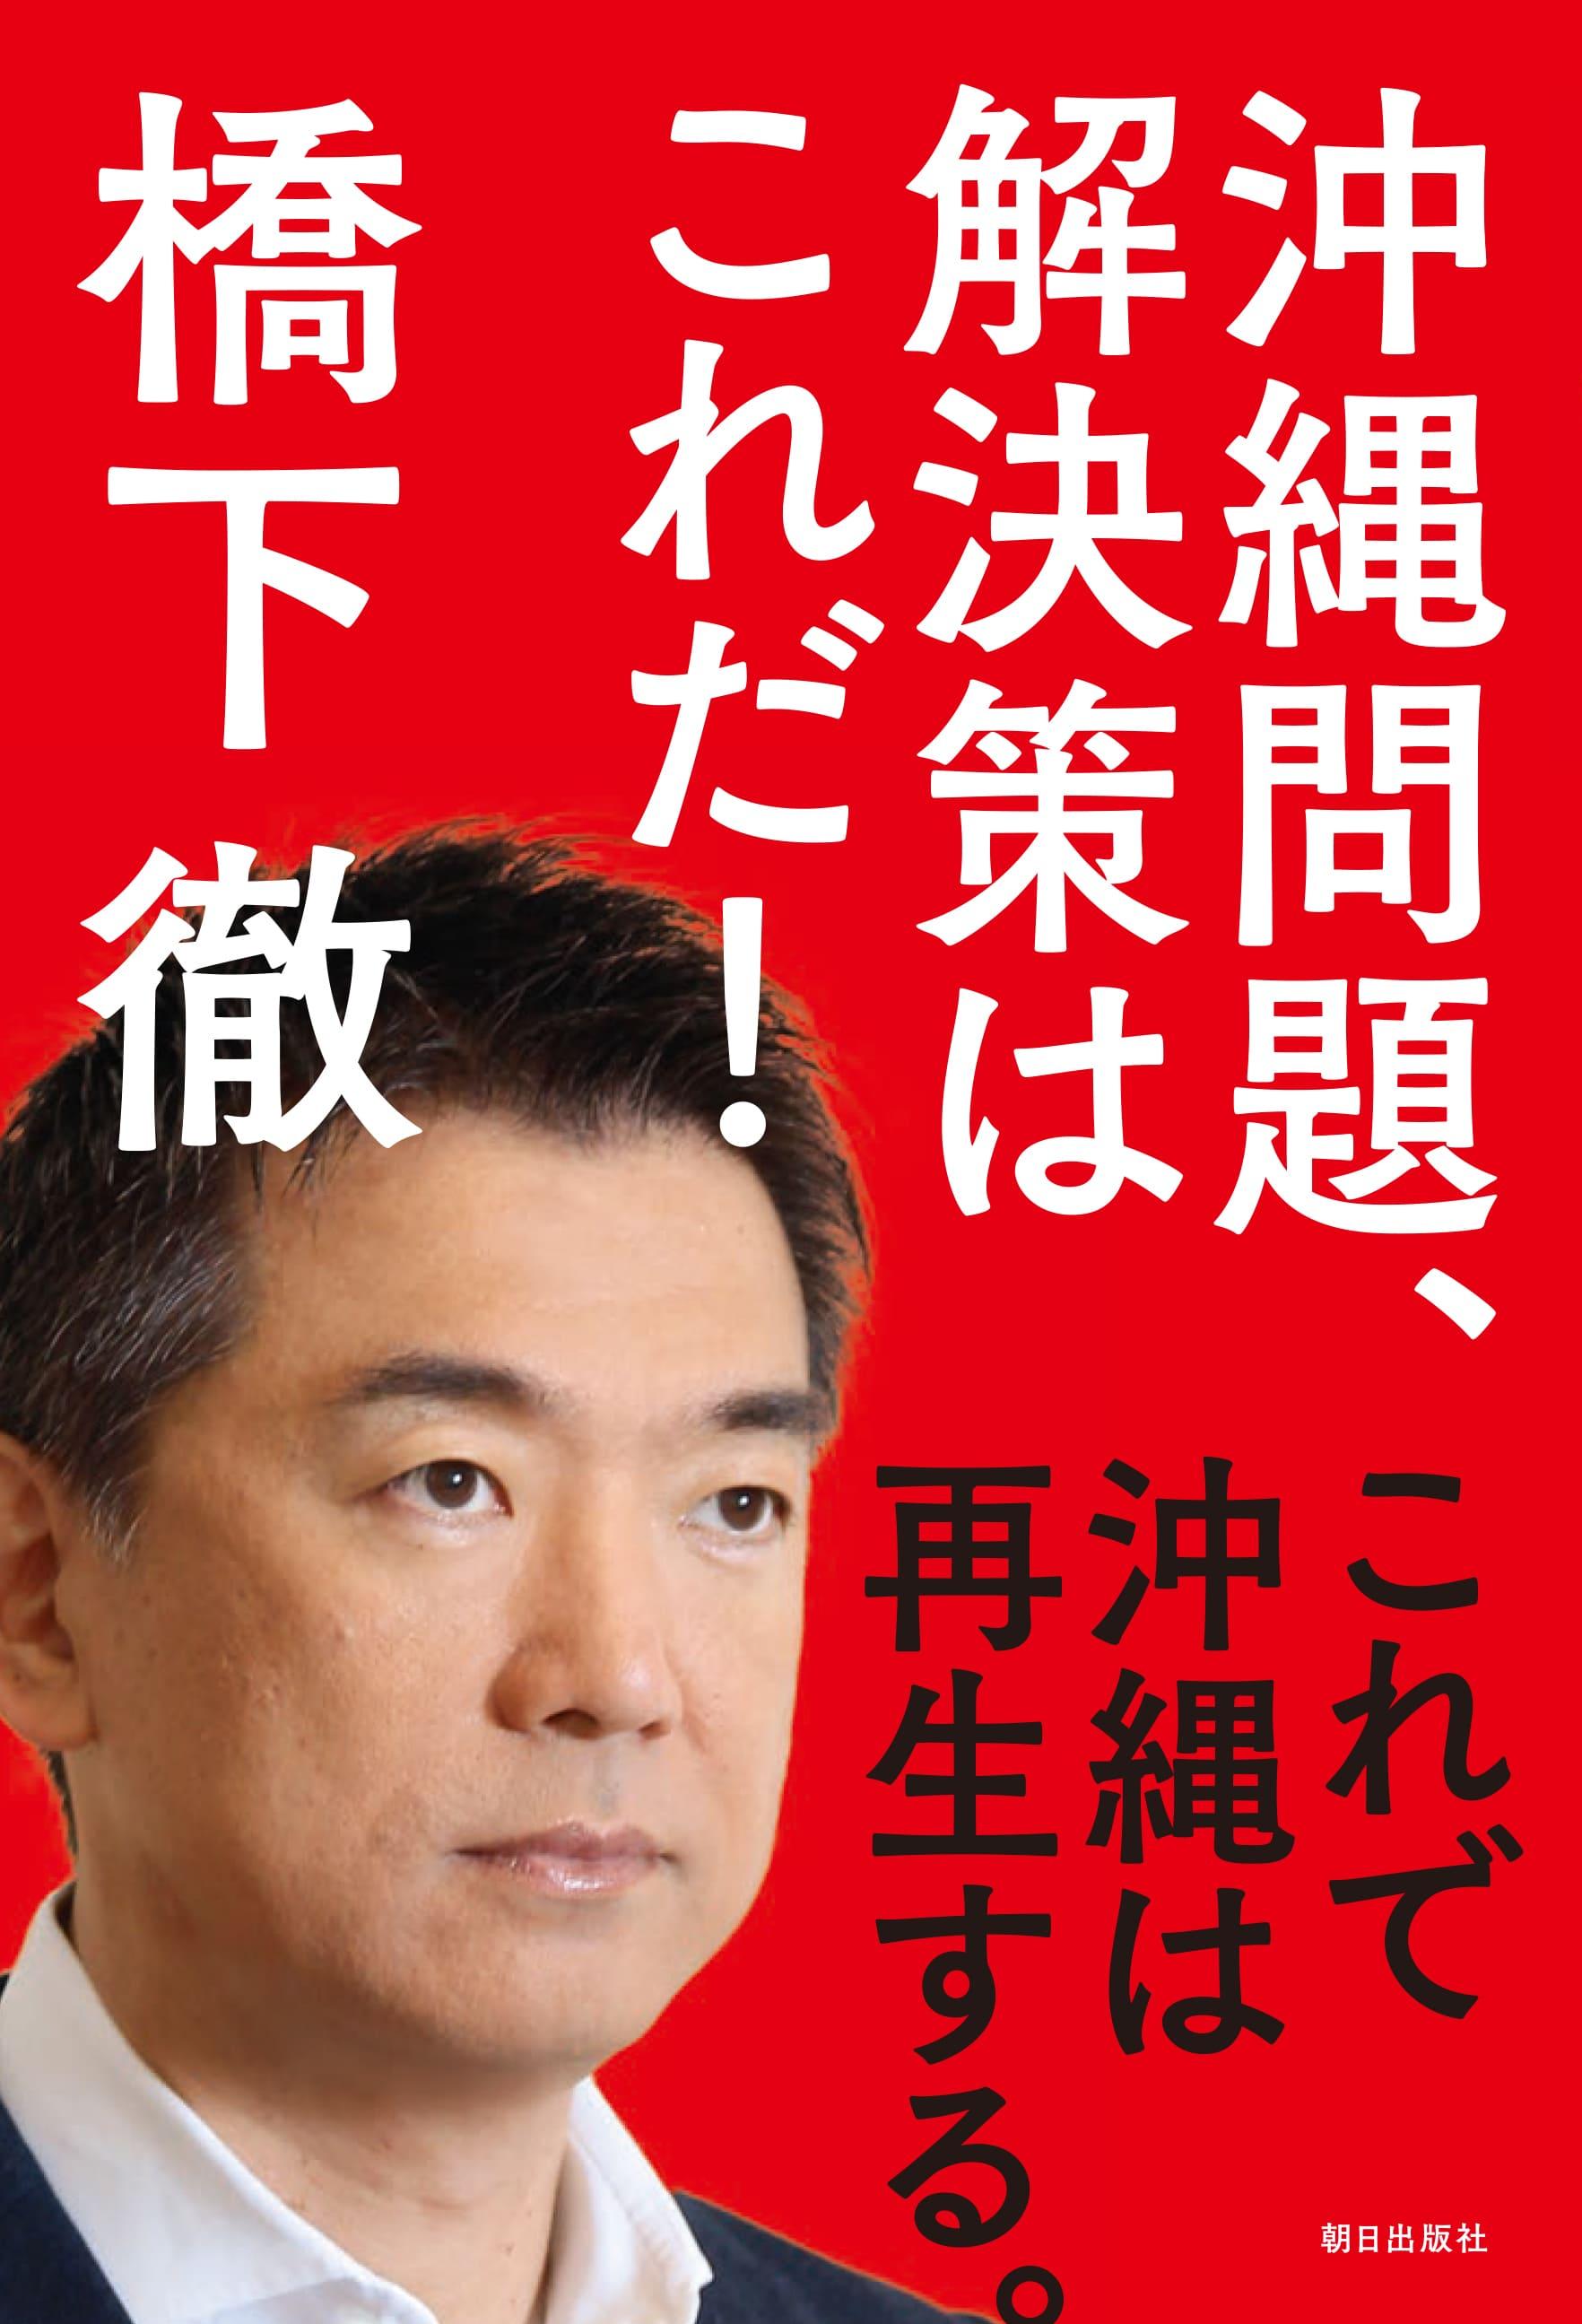 沖縄問題、解決策はこれだ!<br> これで沖縄は再生する。